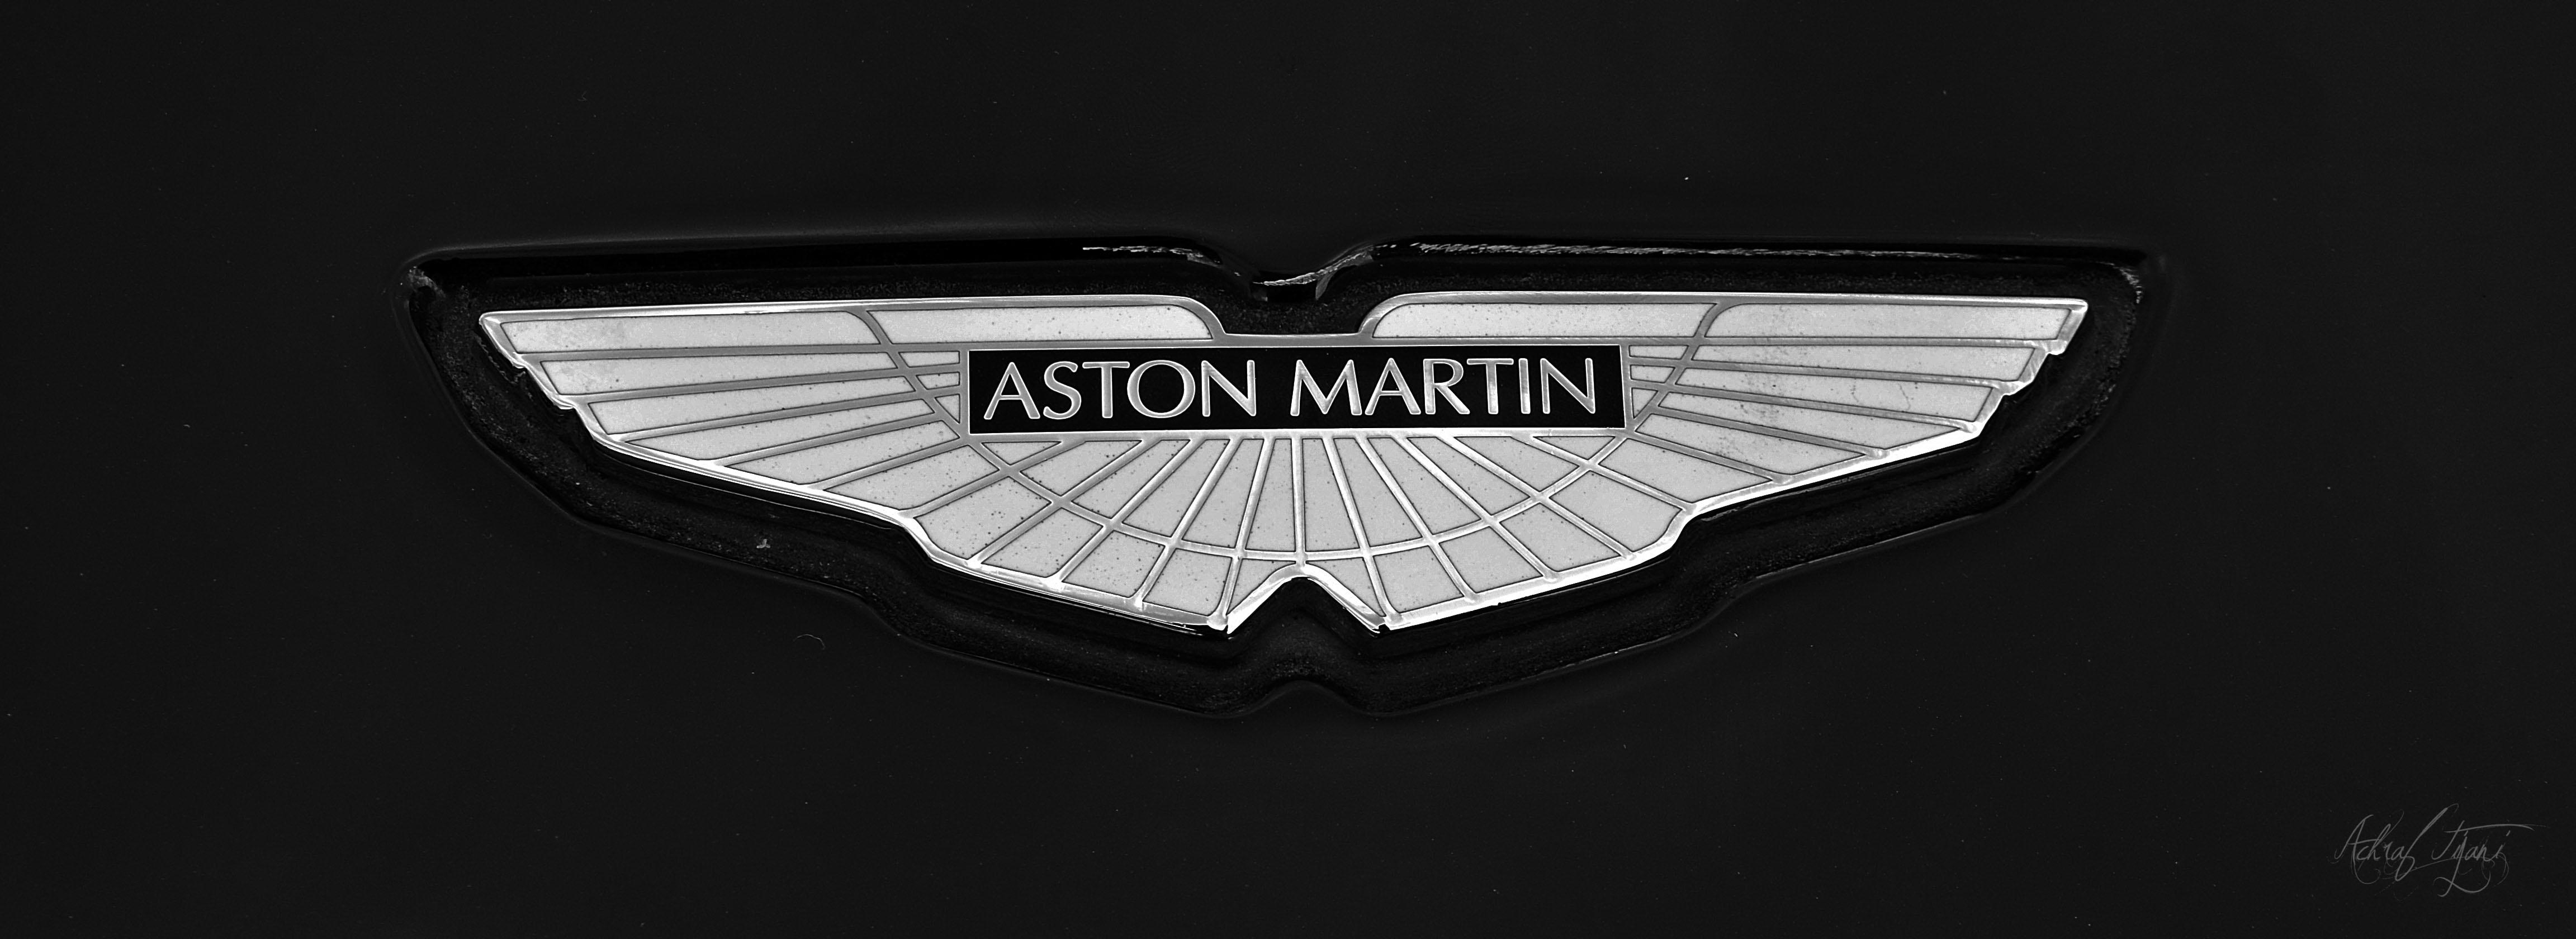 stunning hd aston martin image